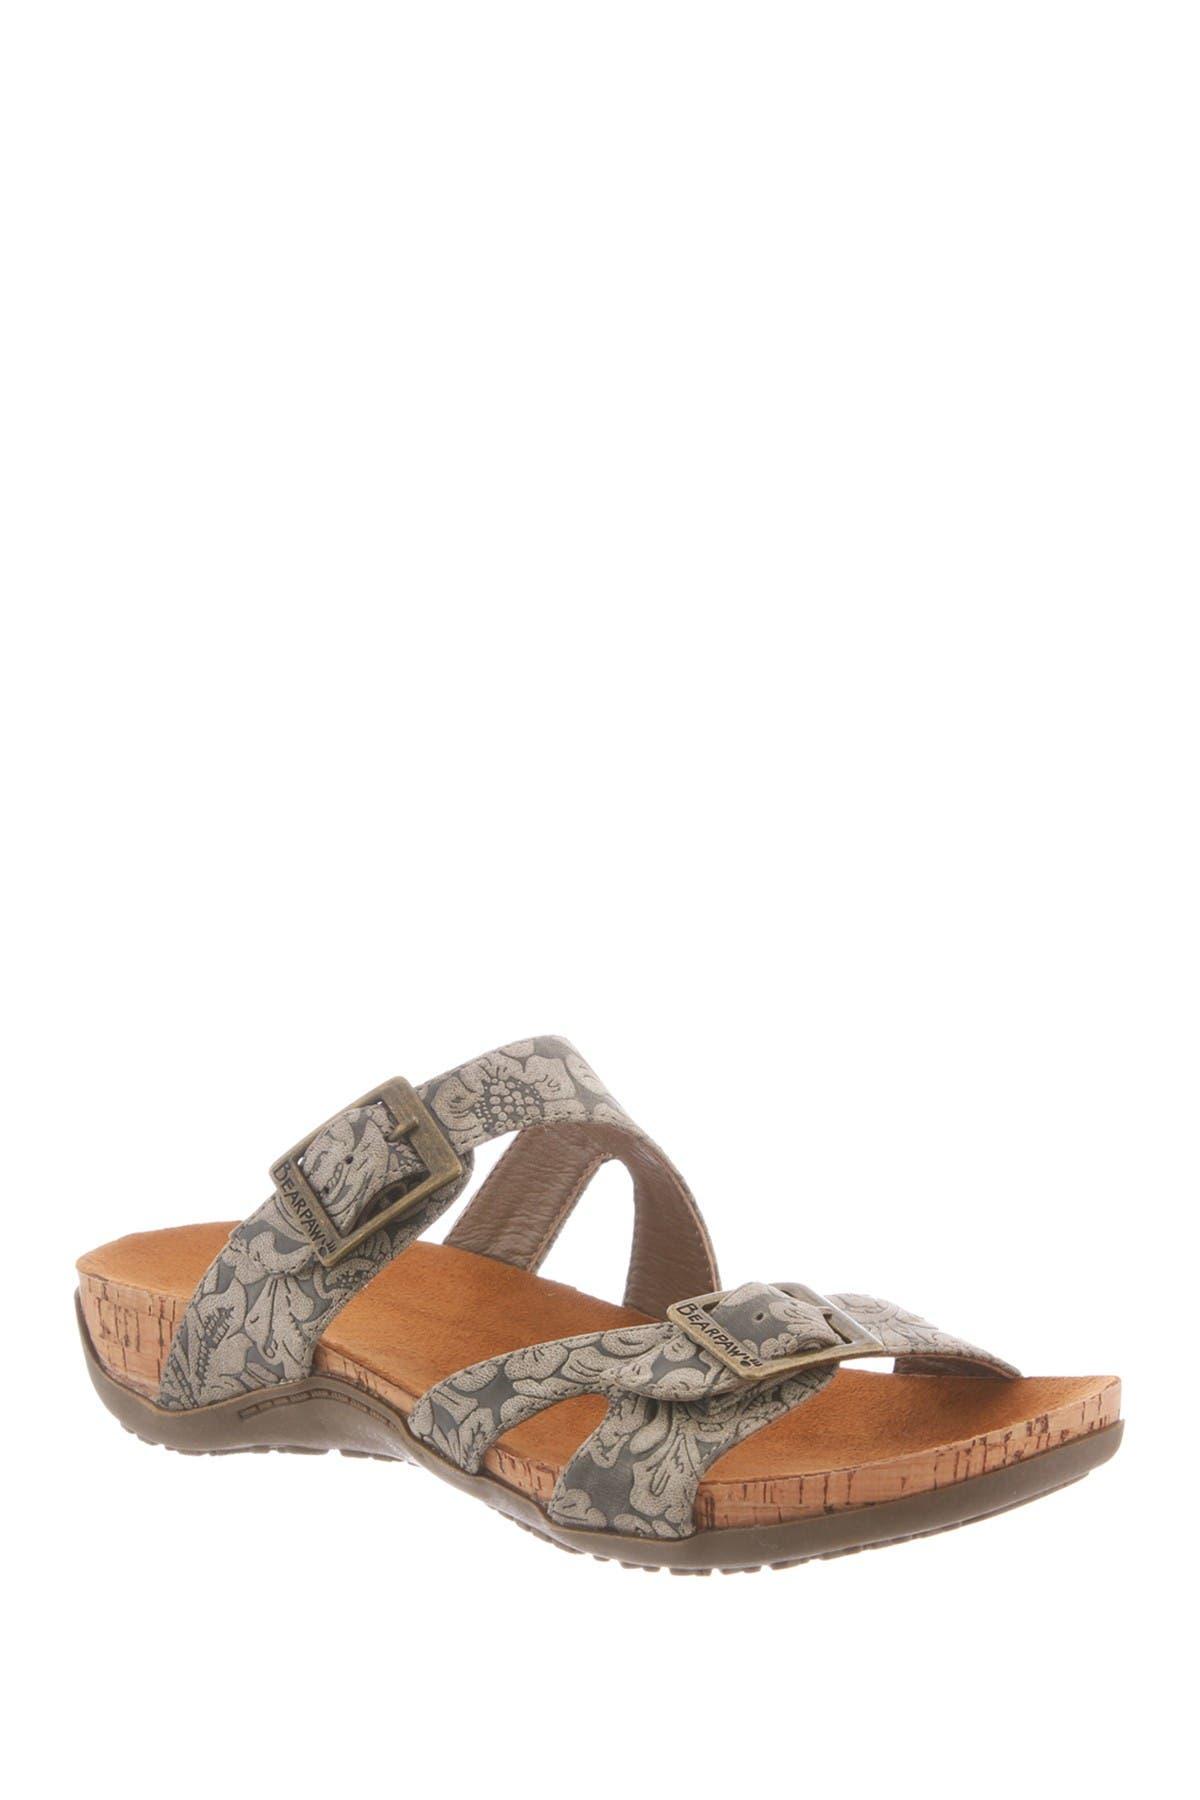 Image of BEARPAW Maddie Footbed Sandal